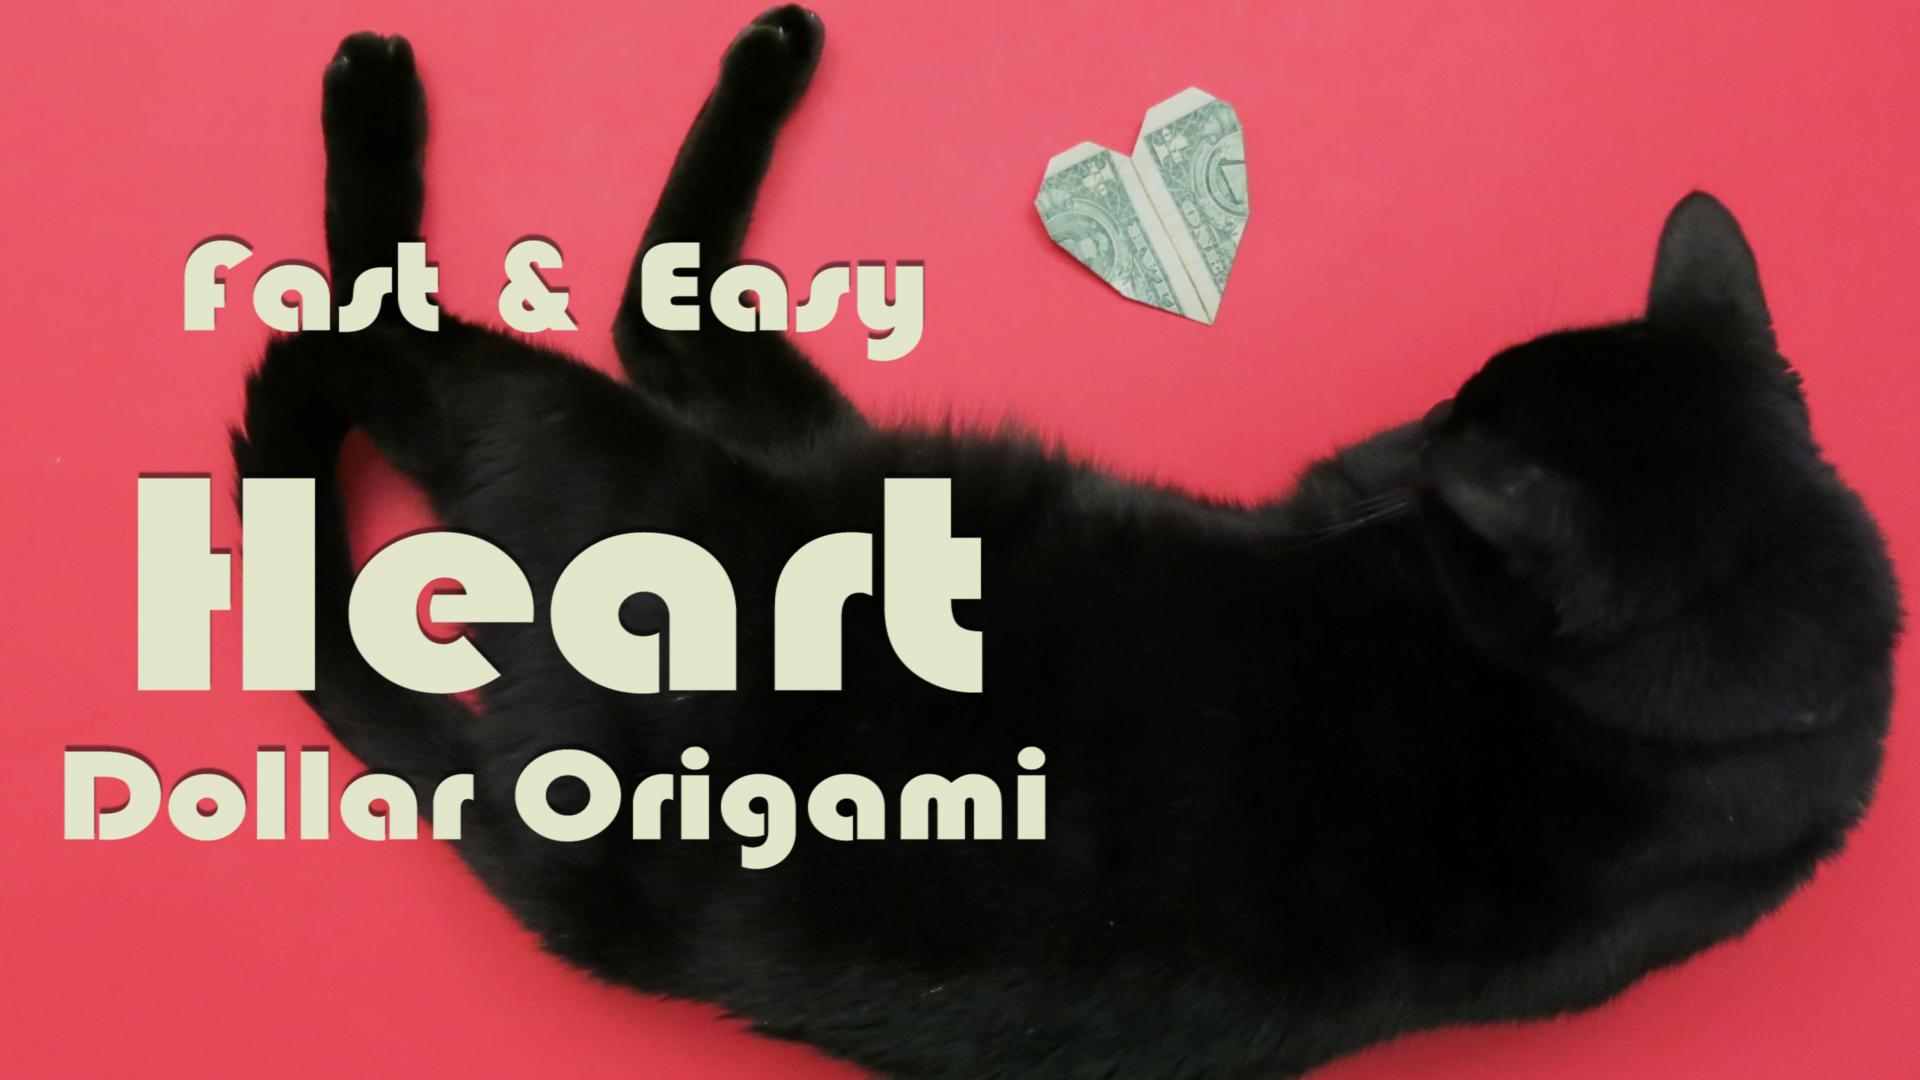 Heart Dollar Bill Origami.jpg